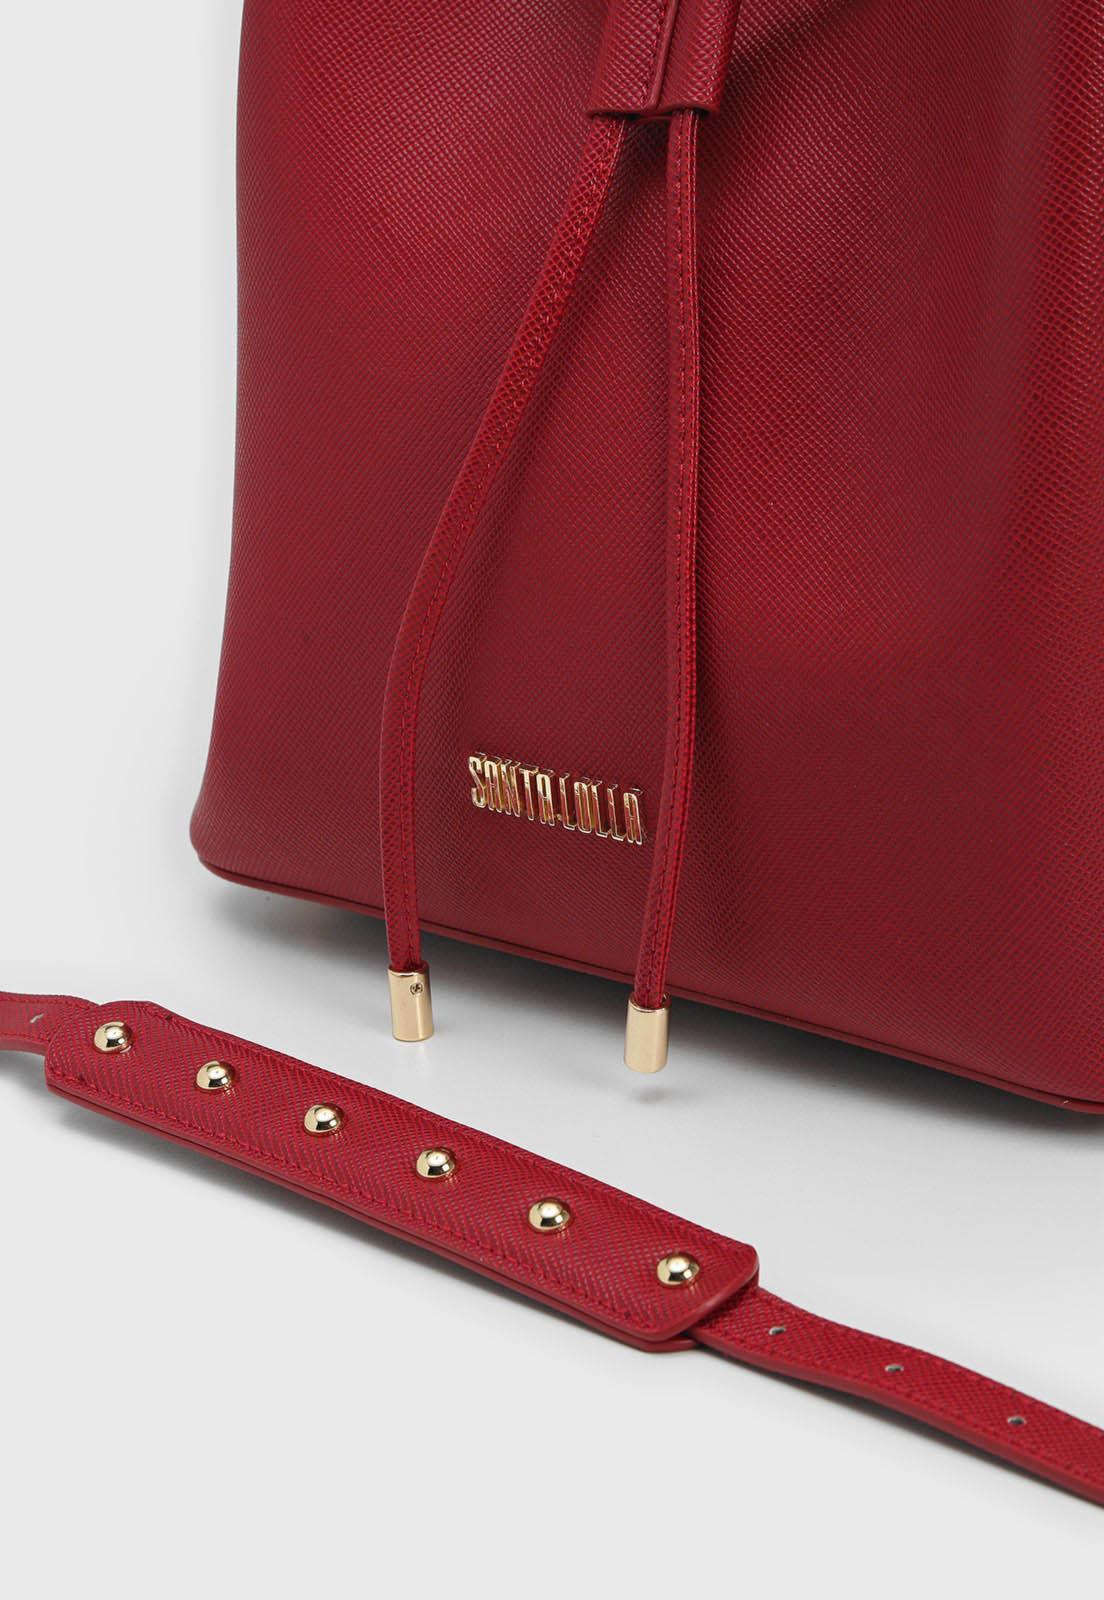 Bolsa Santa Lolla Saco Vermelha